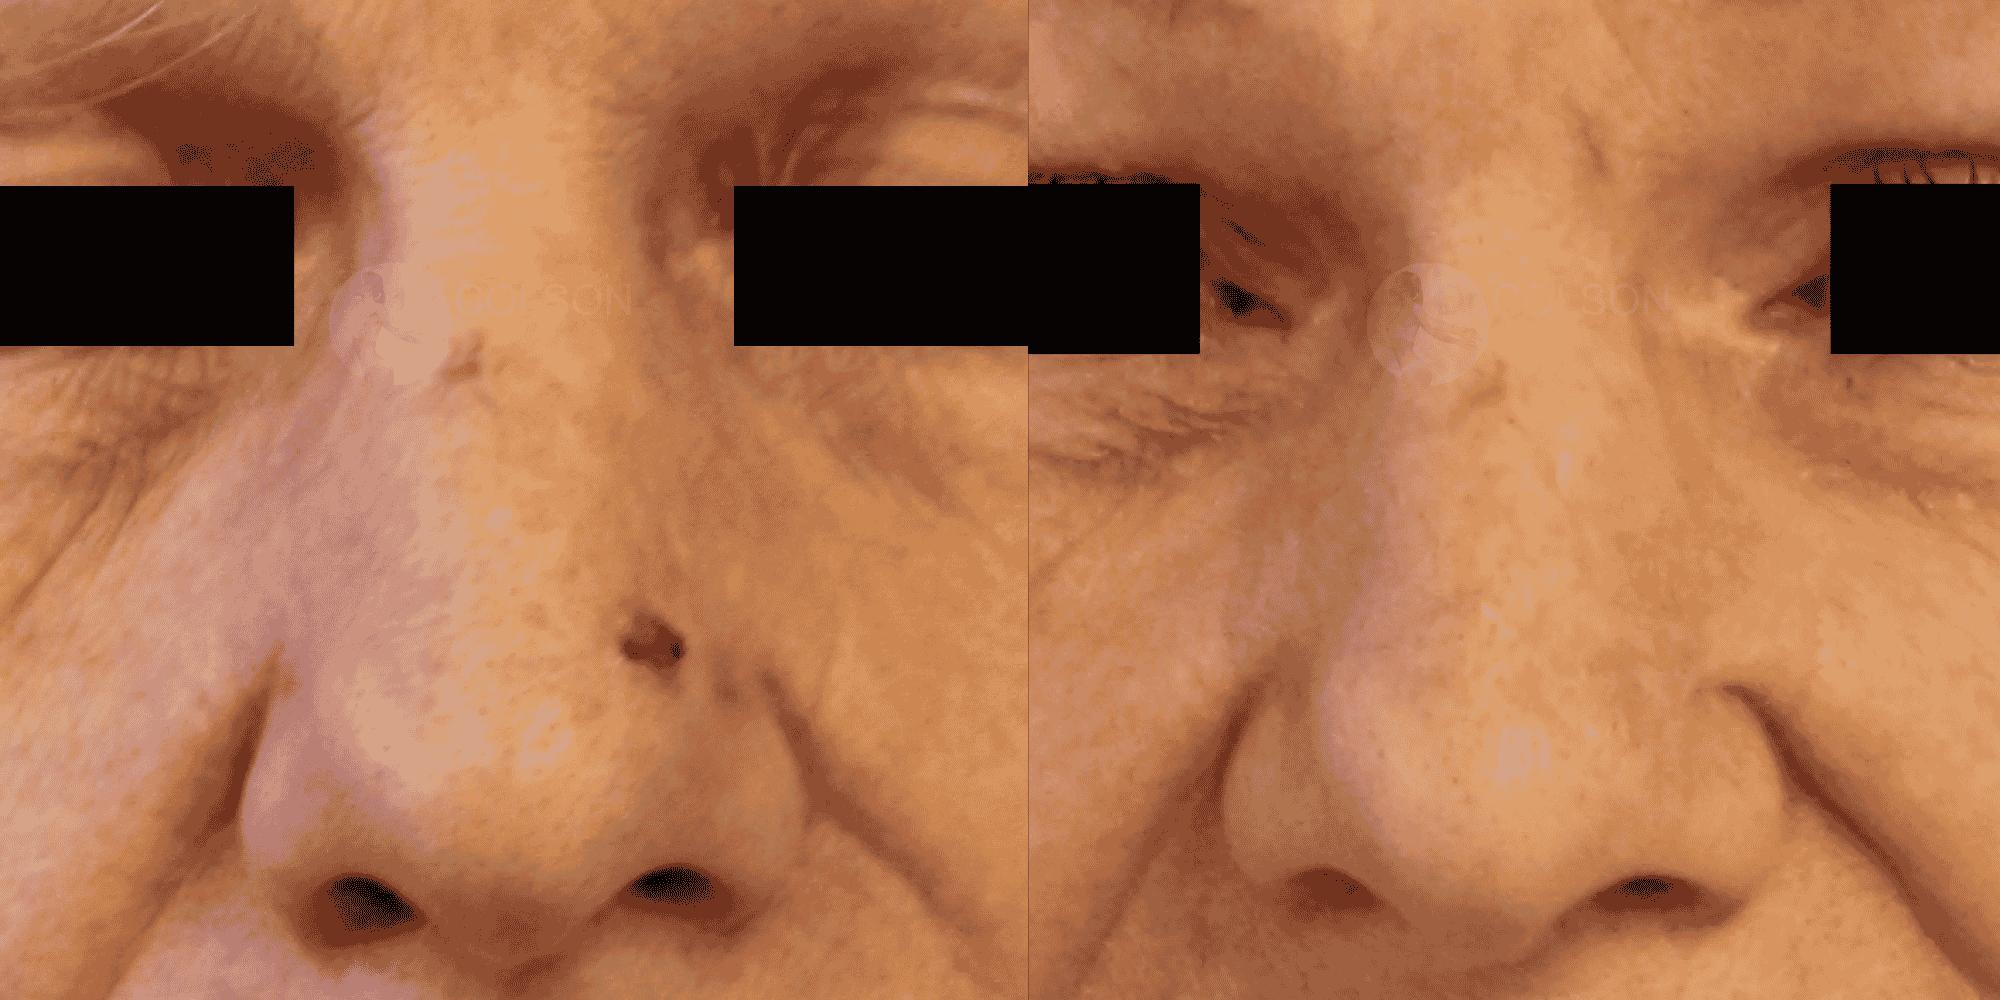 Dr Colson - Chirurgie peau - Tumeur cutanee Face